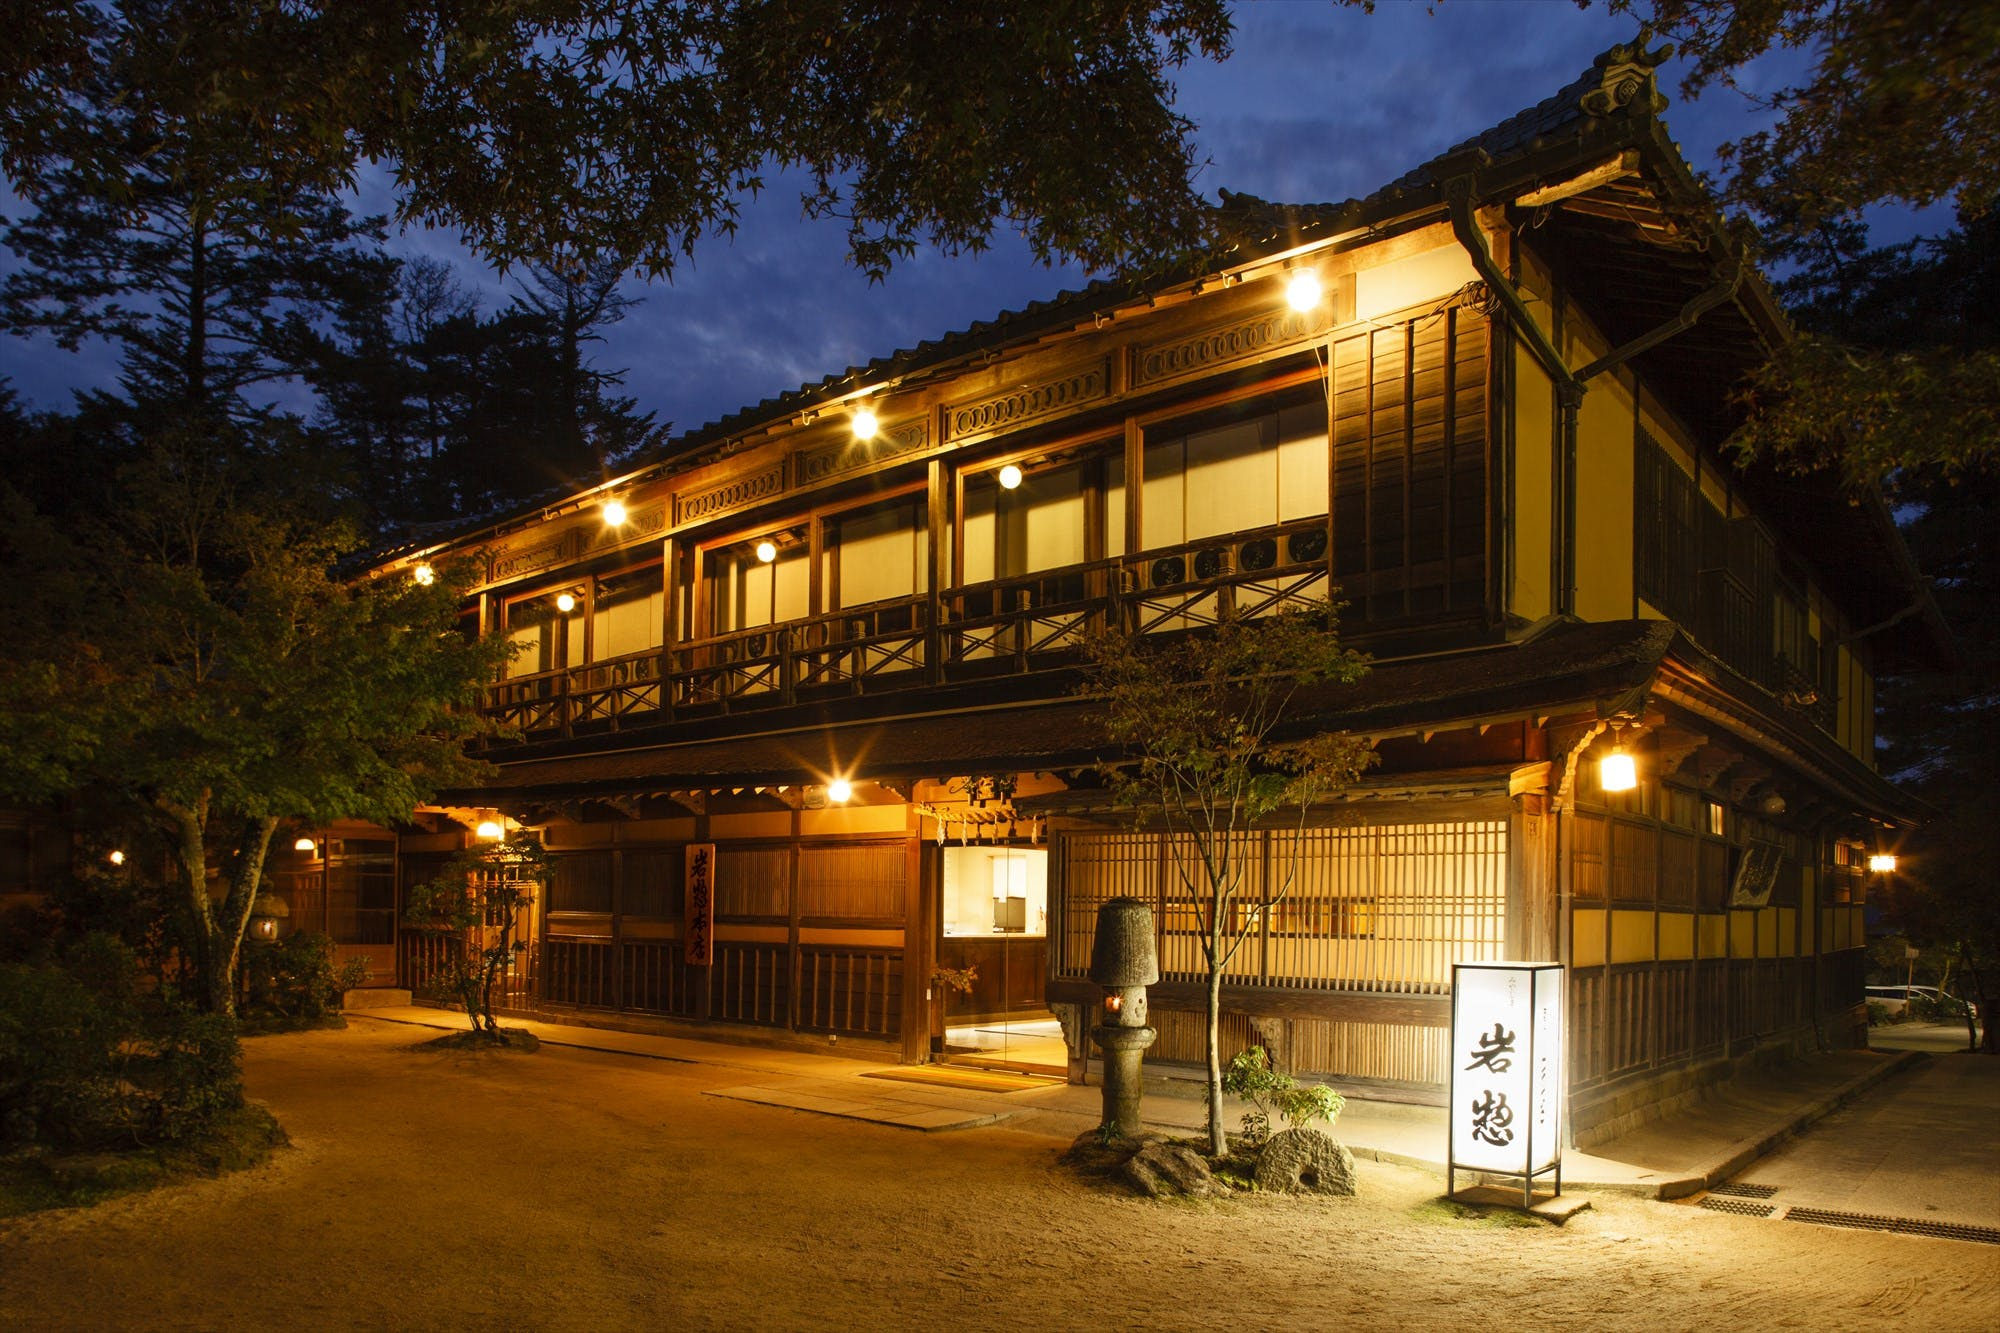 日本三景「宮島」の自然と旬の幸に巡り合う老舗宿